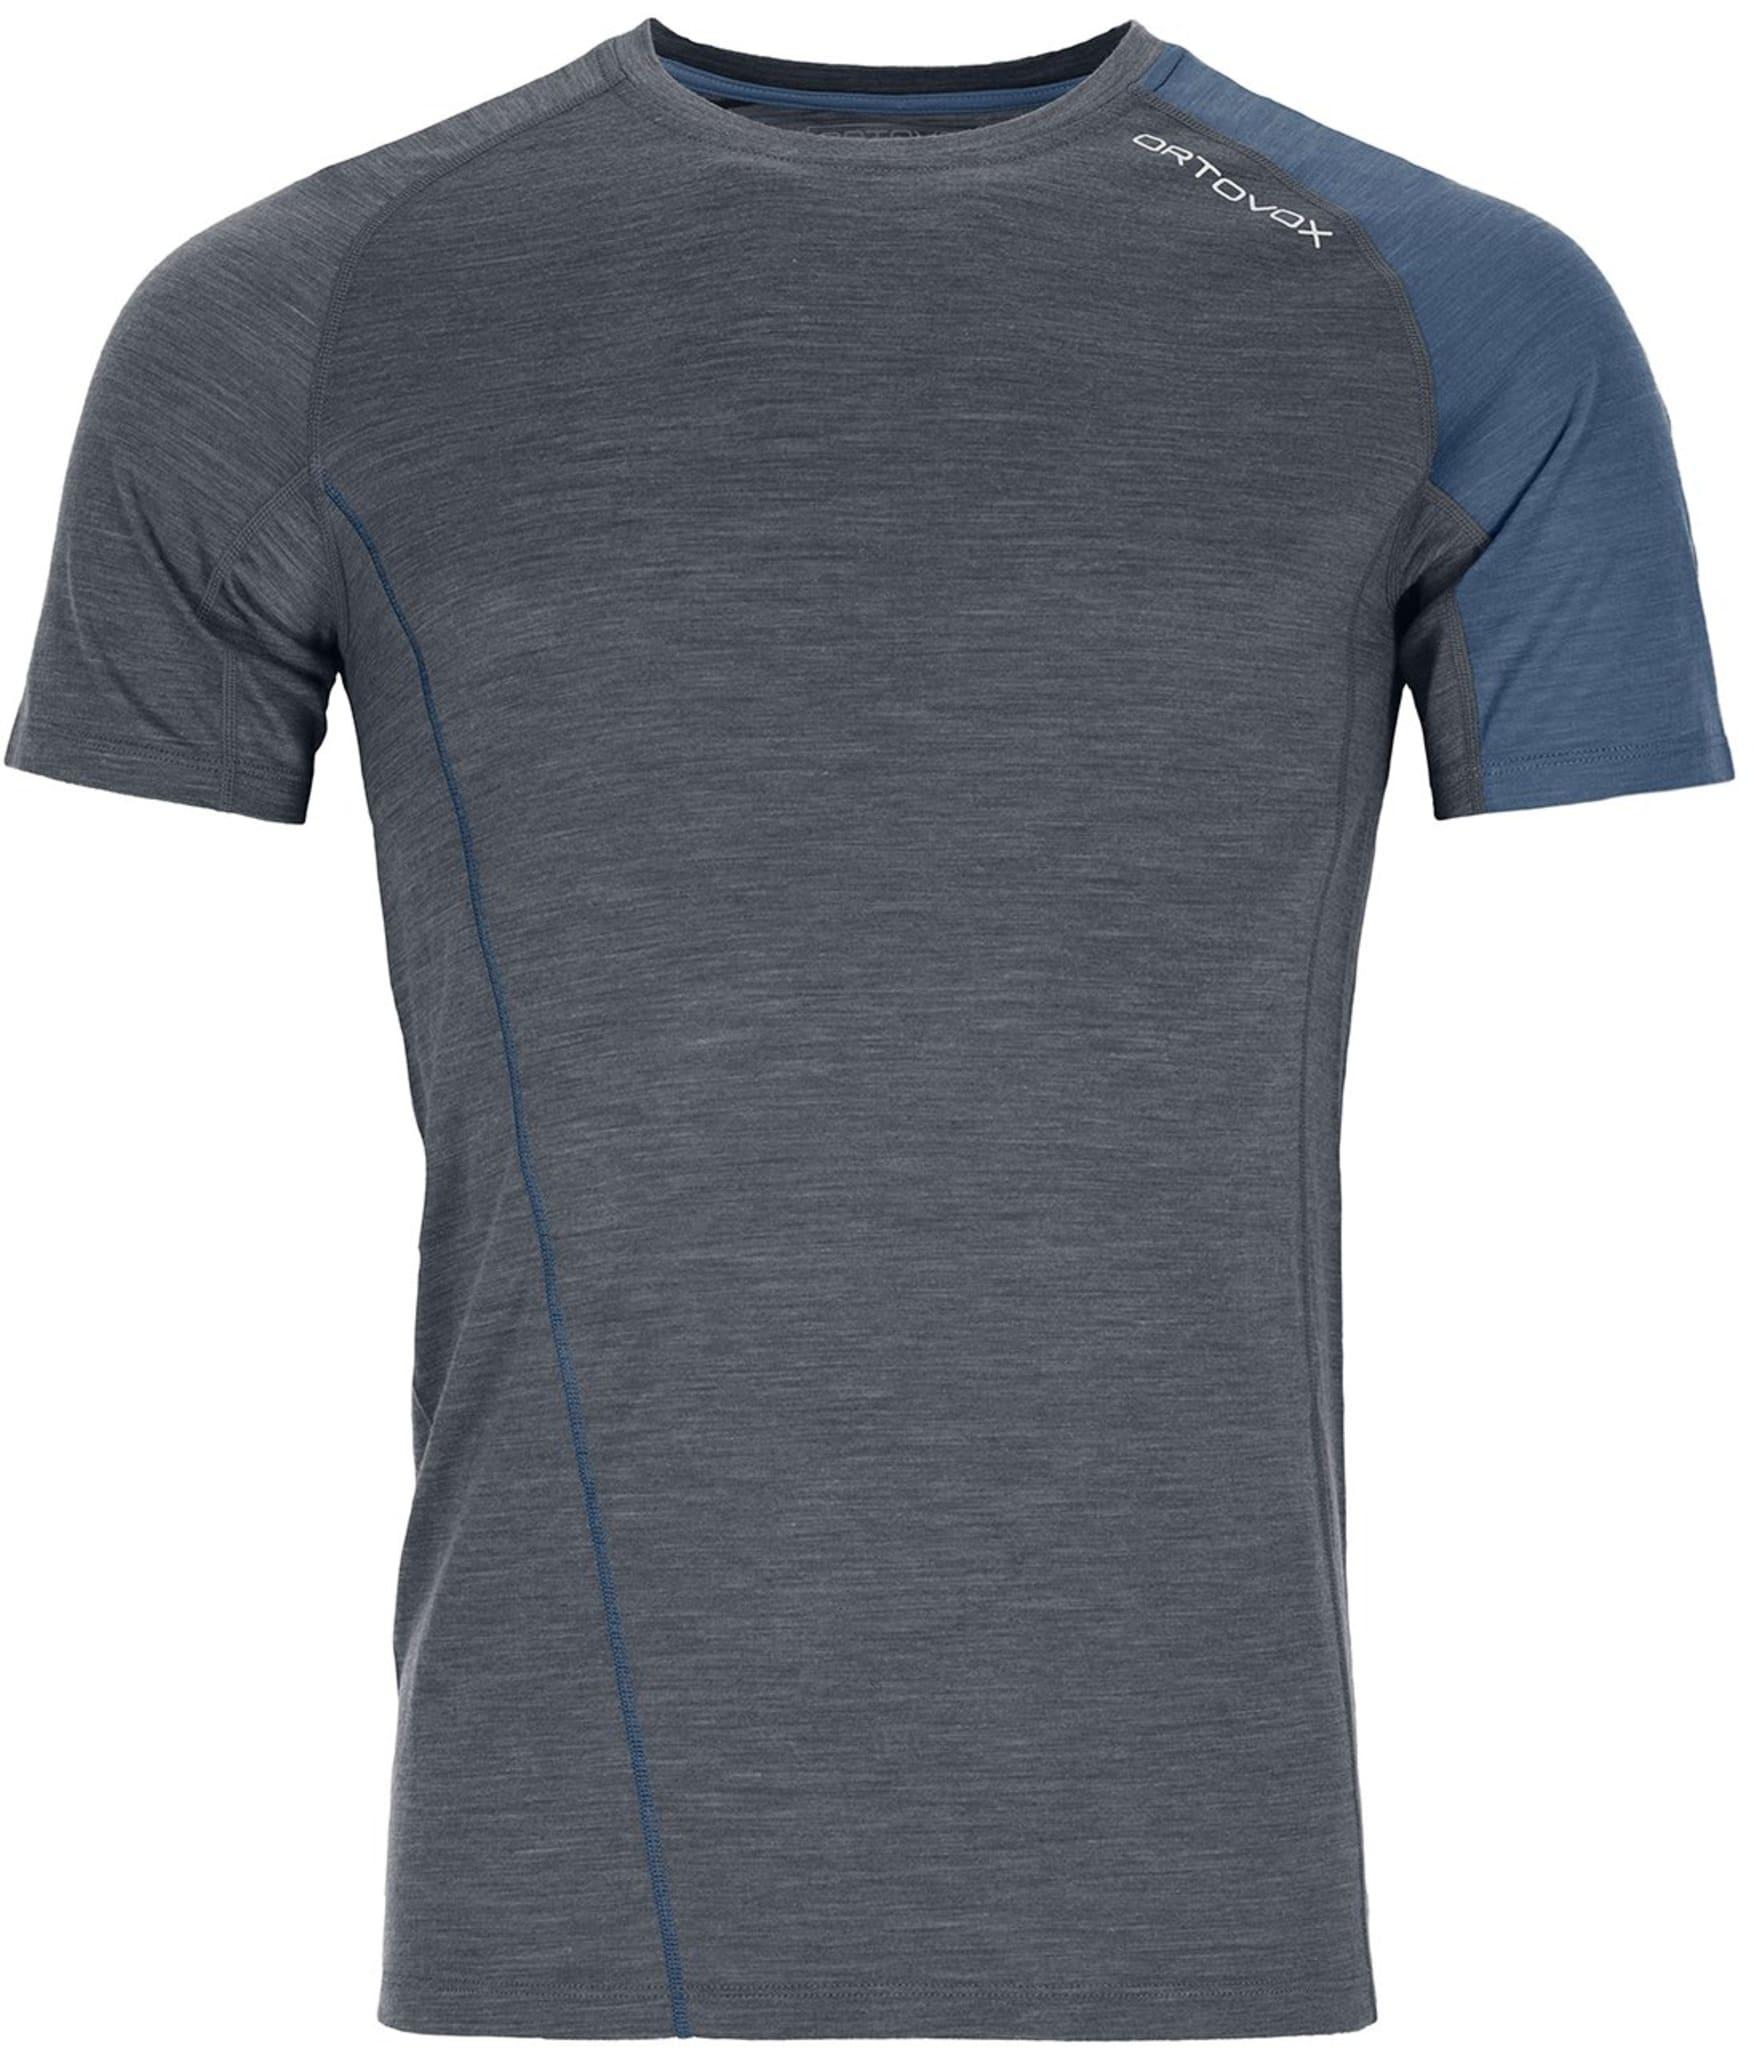 Funksjonell og elegant t-skjorte i merinoull